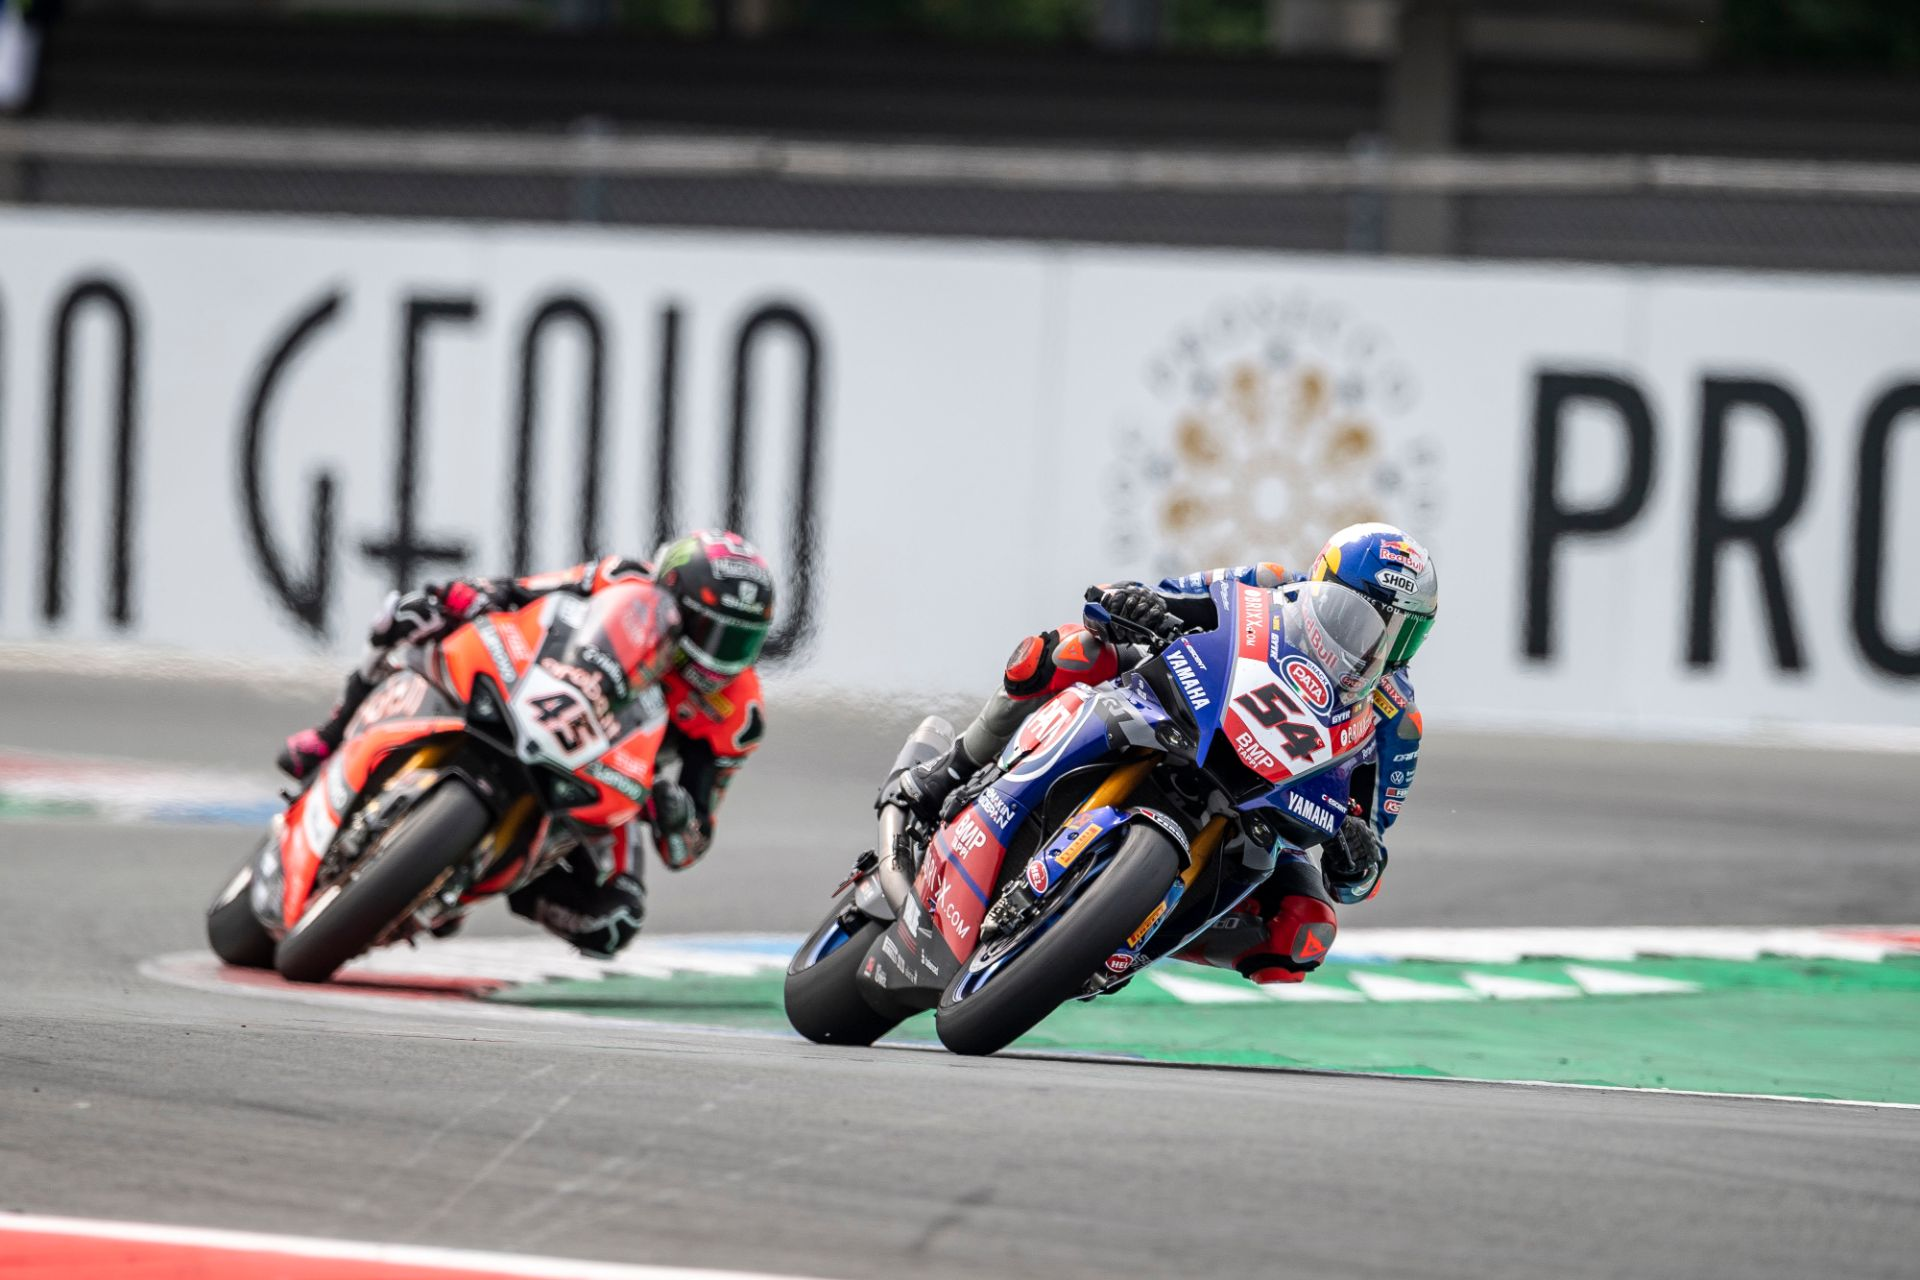 ピレリ(Pirelli)レースレビュー FIM スーパーバイク世界選手権(SBK)オランダ戦レース1